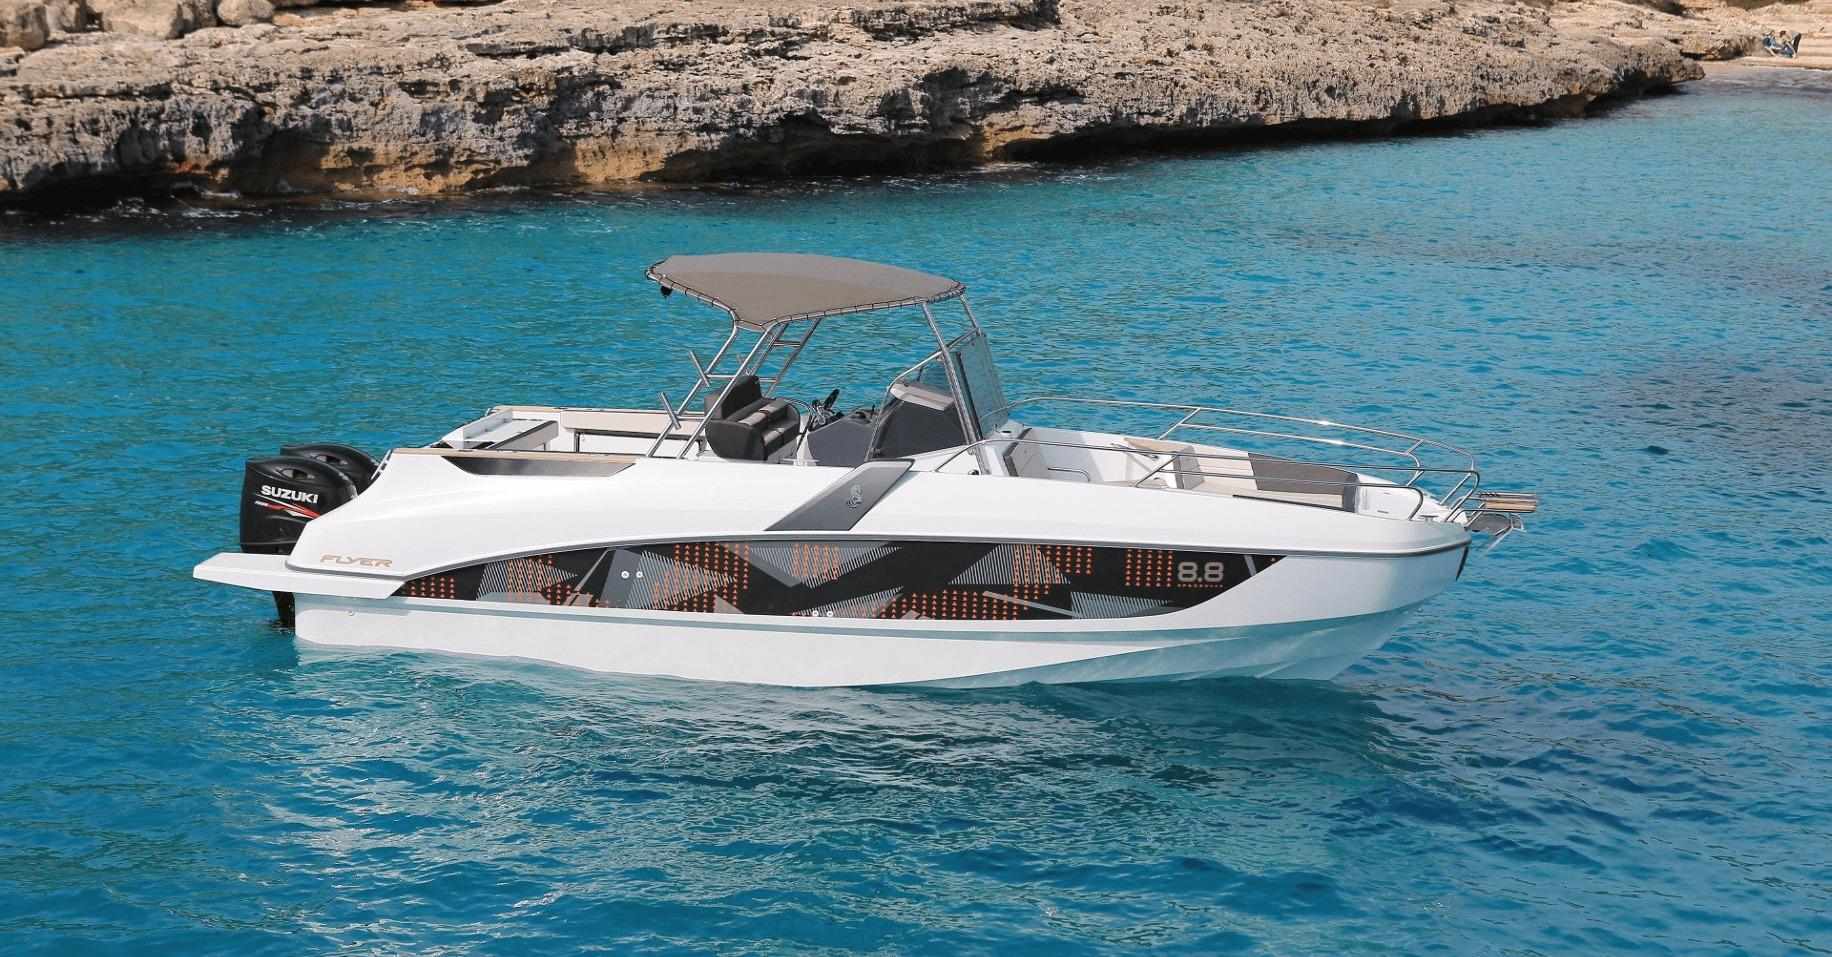 Location BENETEAU Flyer 8.8 SPACEdeck* à Ajaccio | www.uni-bateaux.com